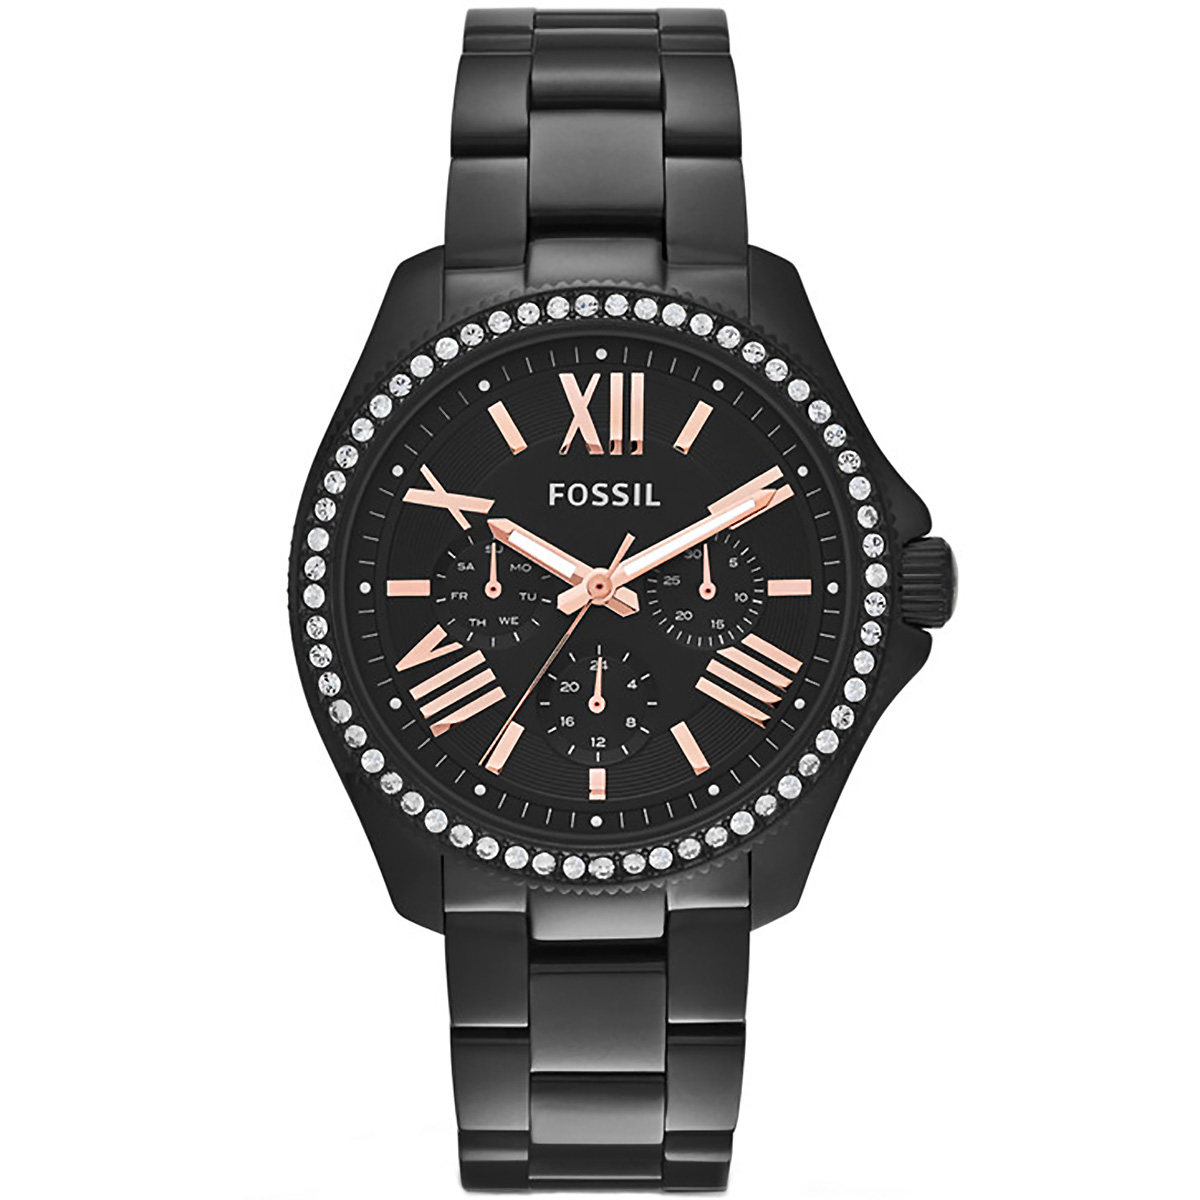 Damenuhren schwarz  Fossil Uhr Cecile AM4522 Damenuhr Schwarz Edelstahl Strass Lady ...